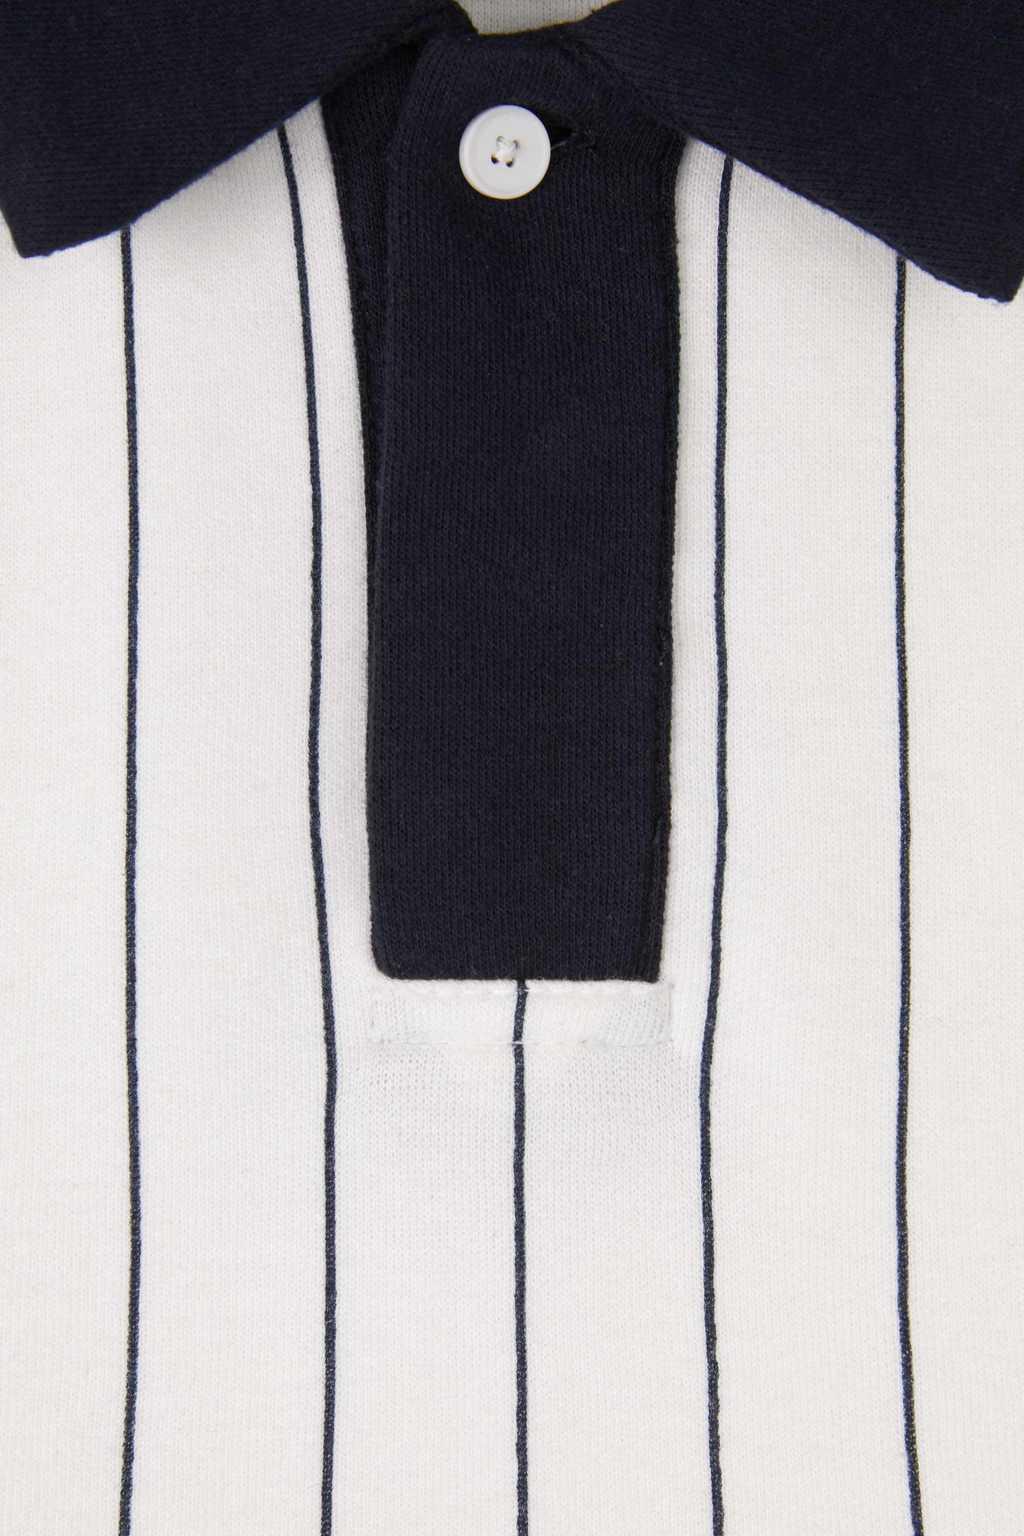 TShirt 3148 Stripe 6